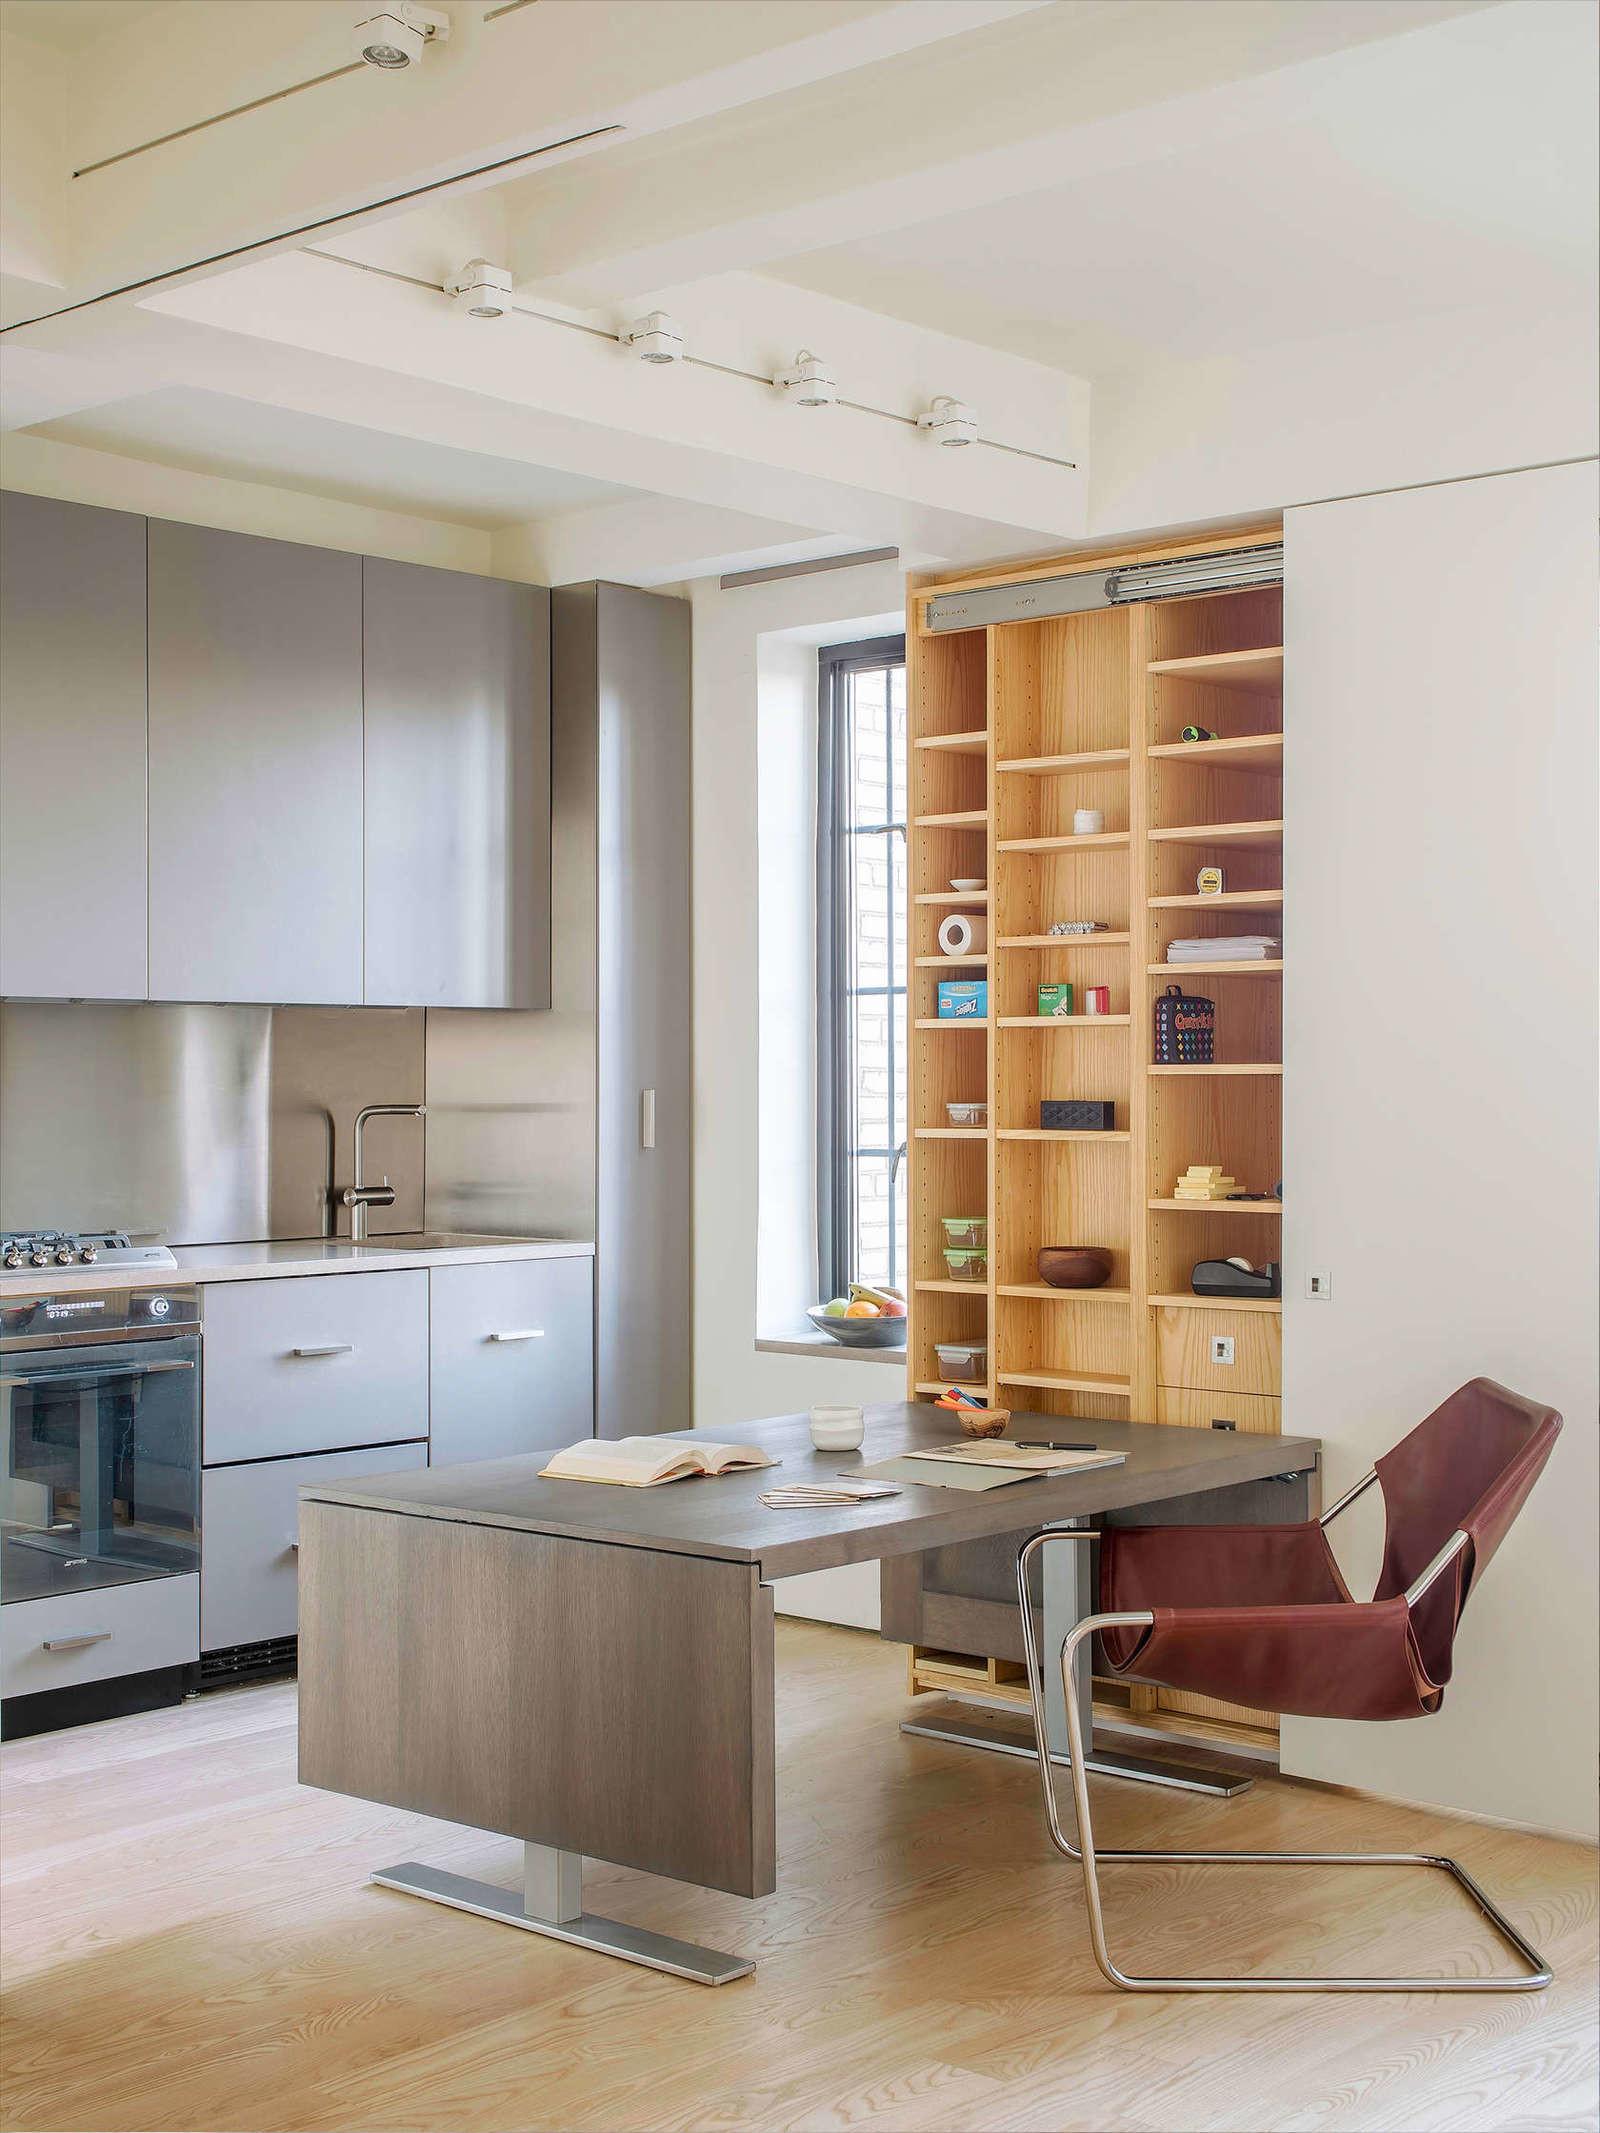 nestandarten-i-izkliuchitelno-funktsionalen-malak-apartament-37-m-2g